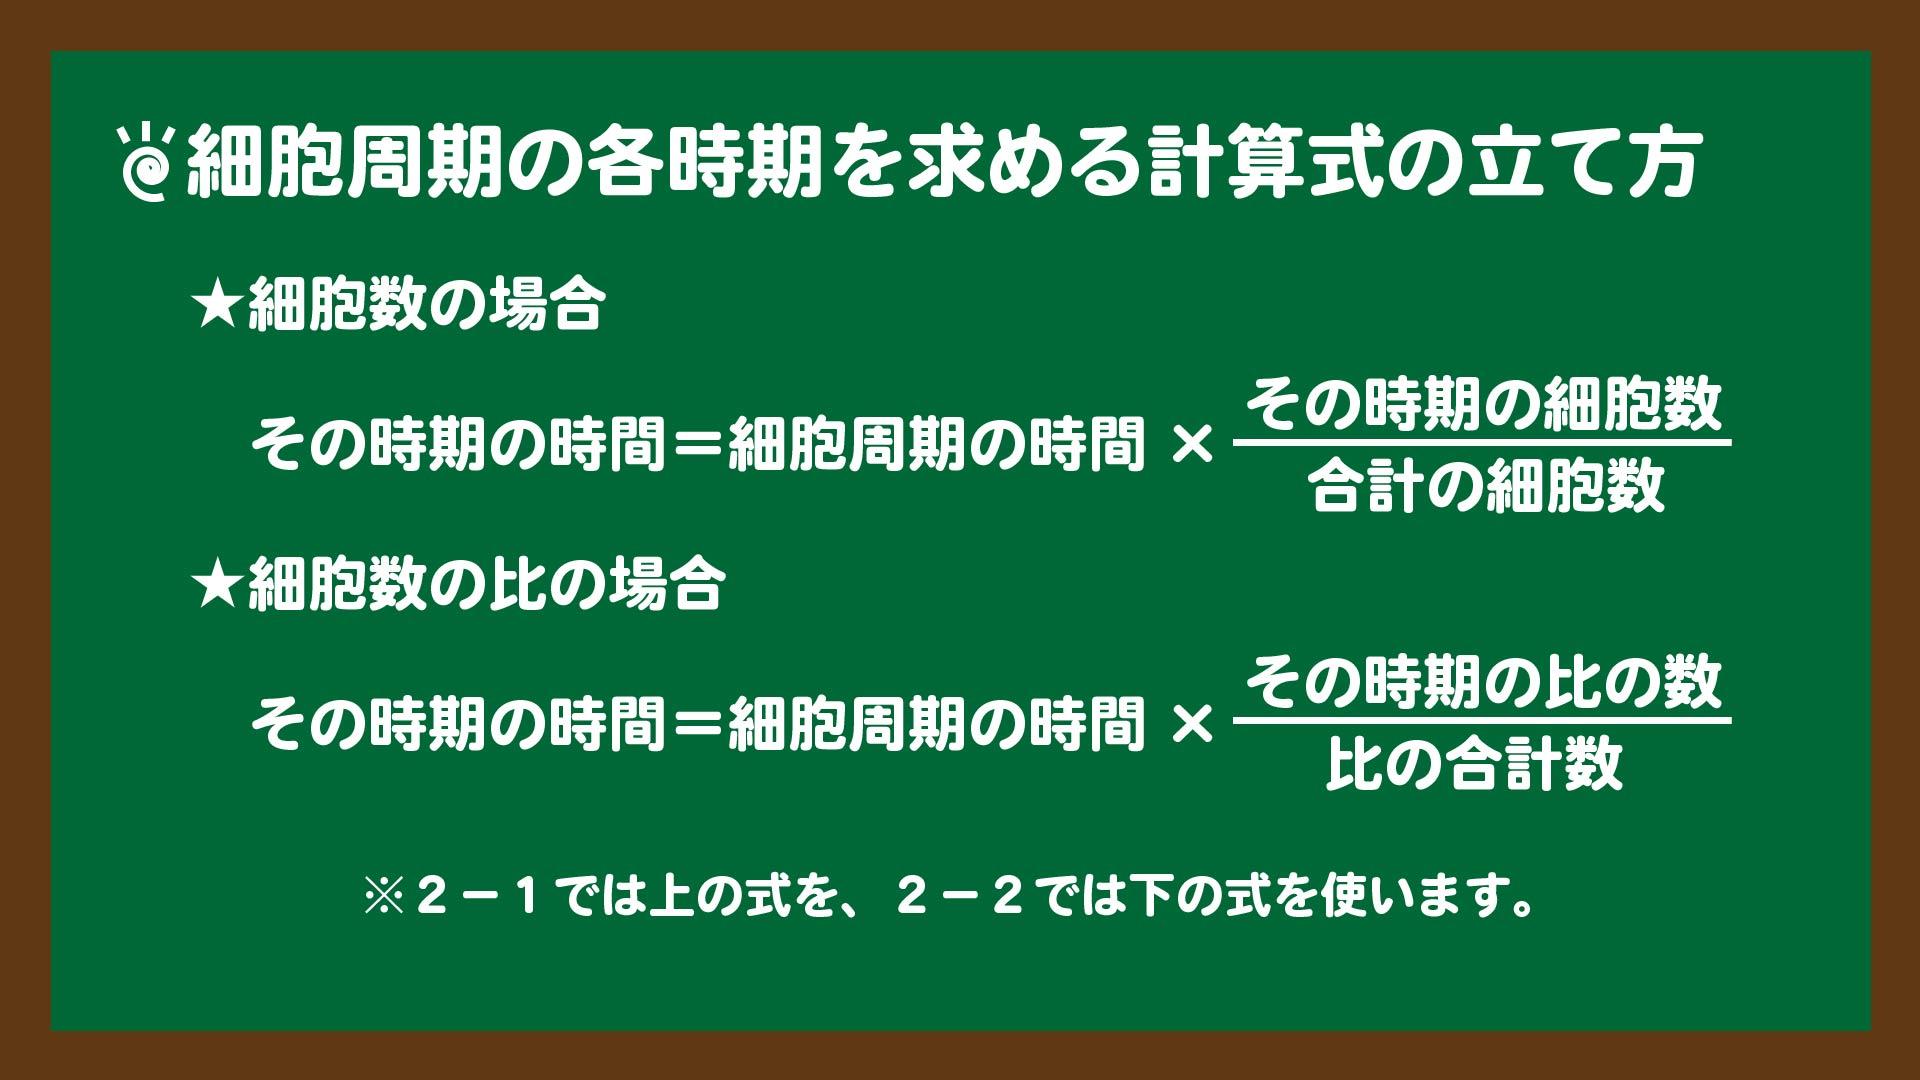 スライド9:細胞周期の各時期を求める計算式の立て方